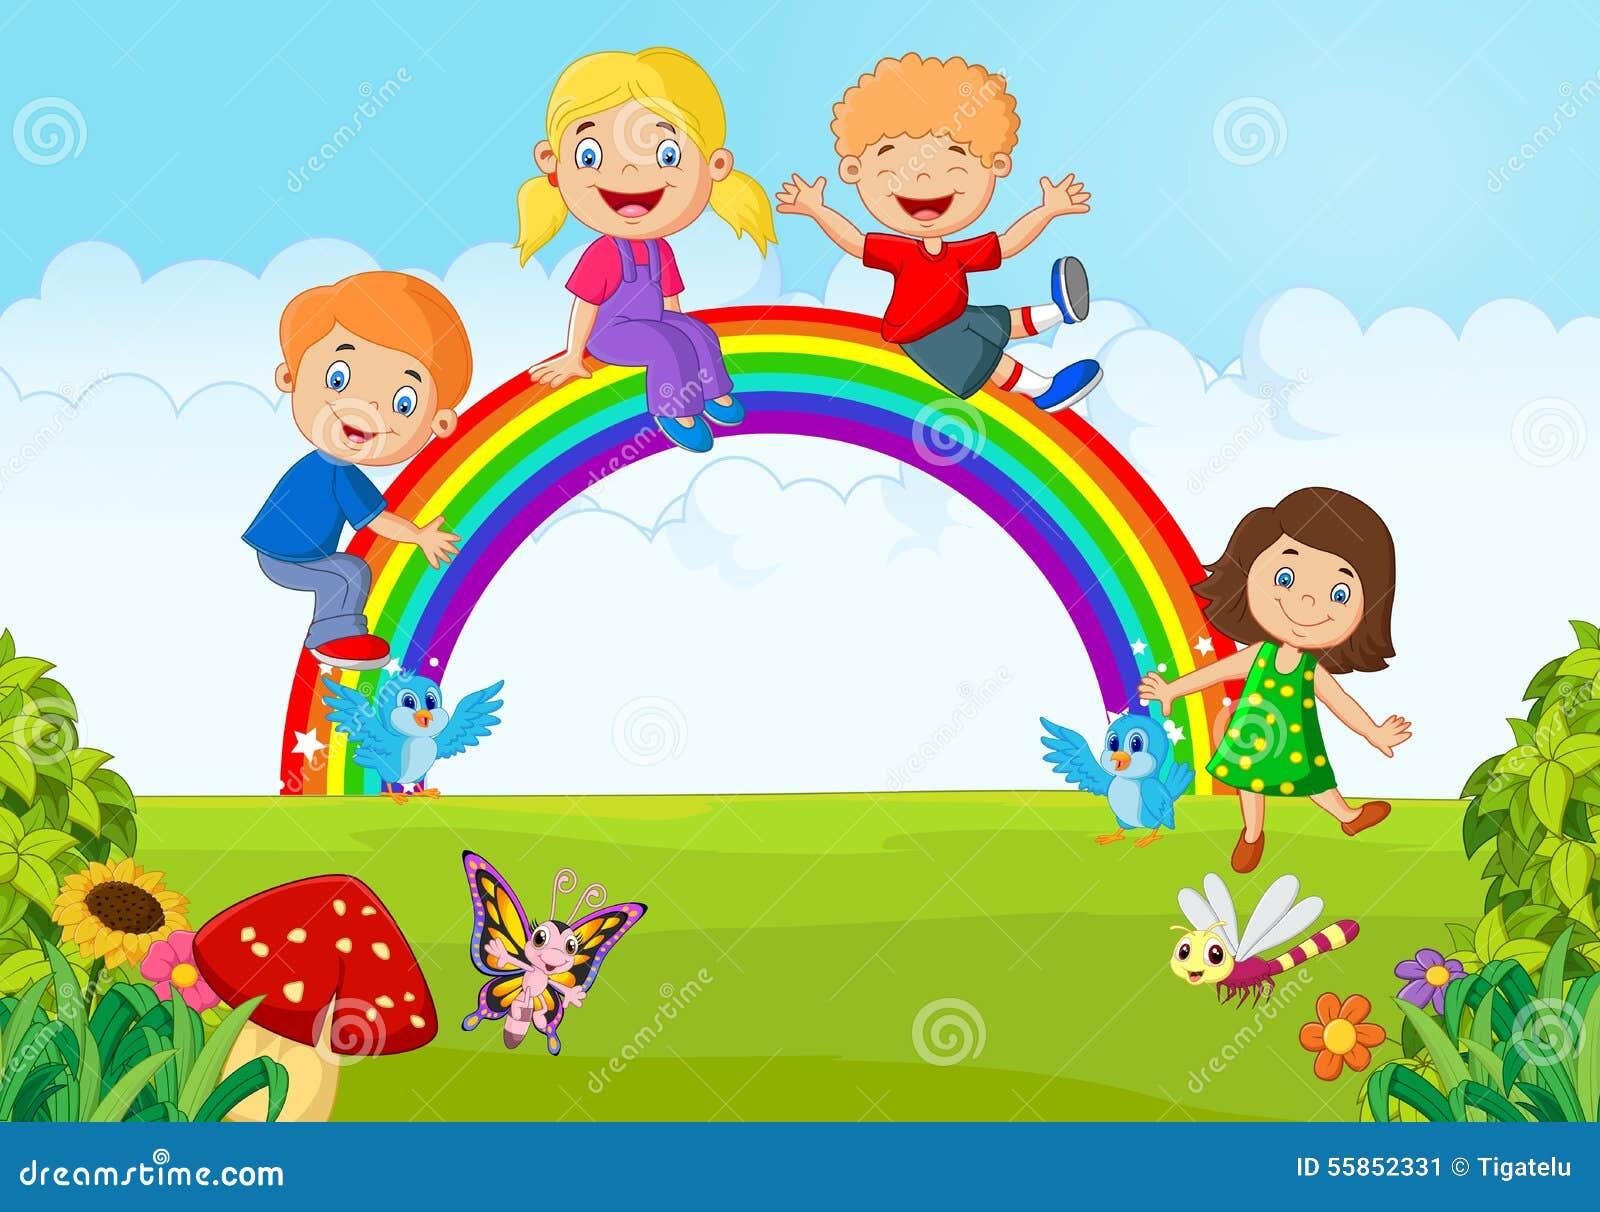 Dibujos Animados De Niños Felices Y Payaso En El Parque: Cartoon Happy Kids Sitting Rainbow Stock Illustrations